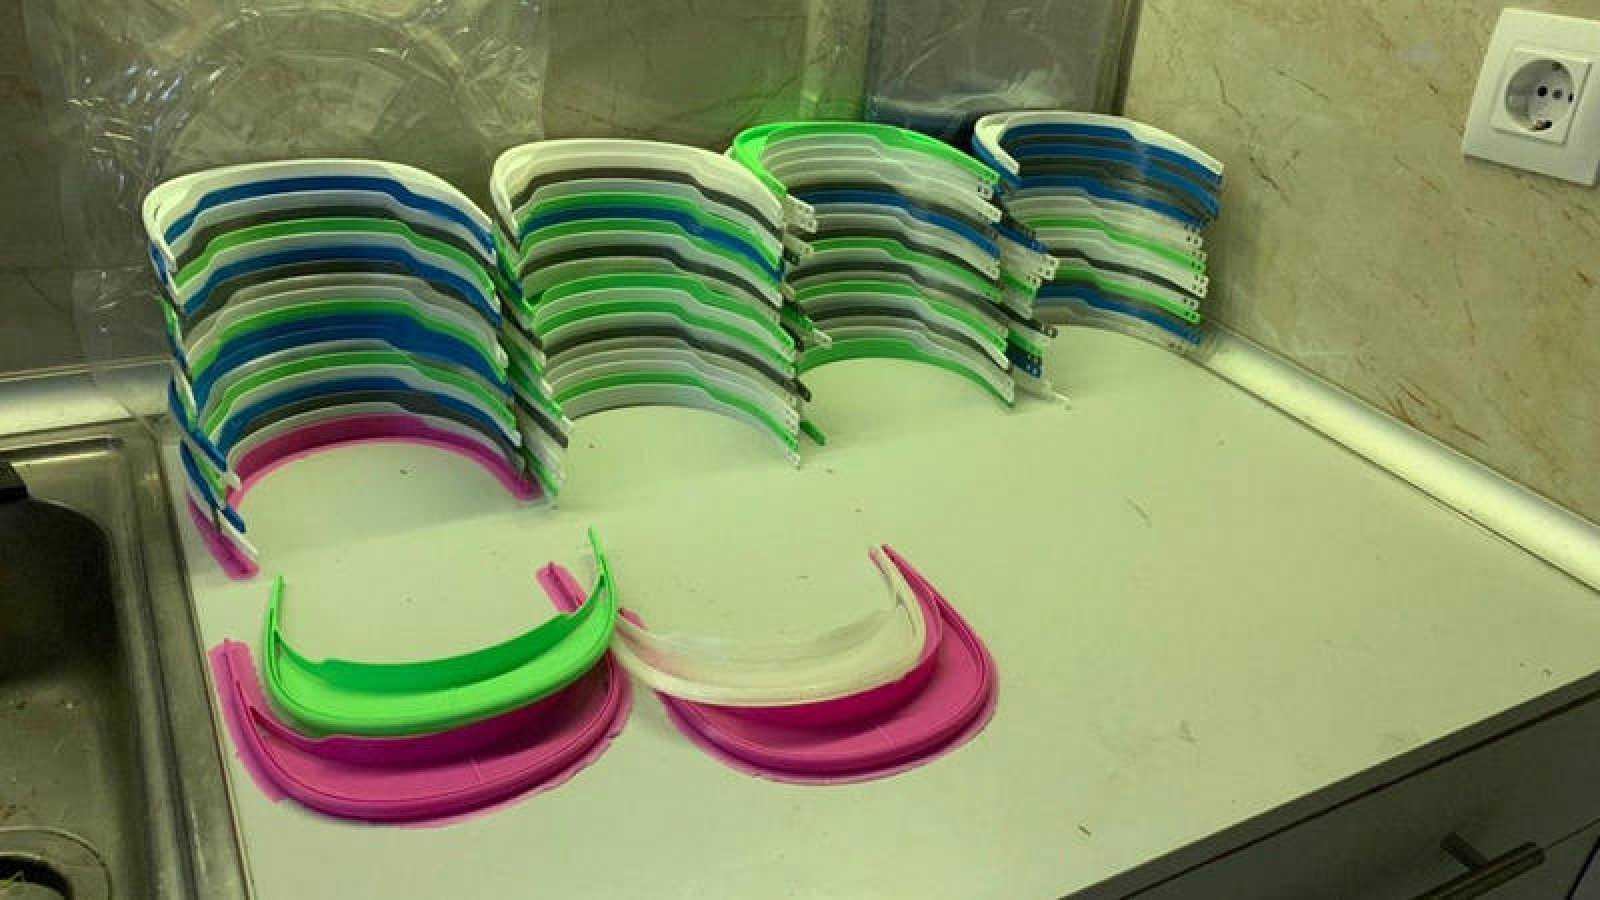 Así quedan las viseras fabricadas con las impresoras 3D